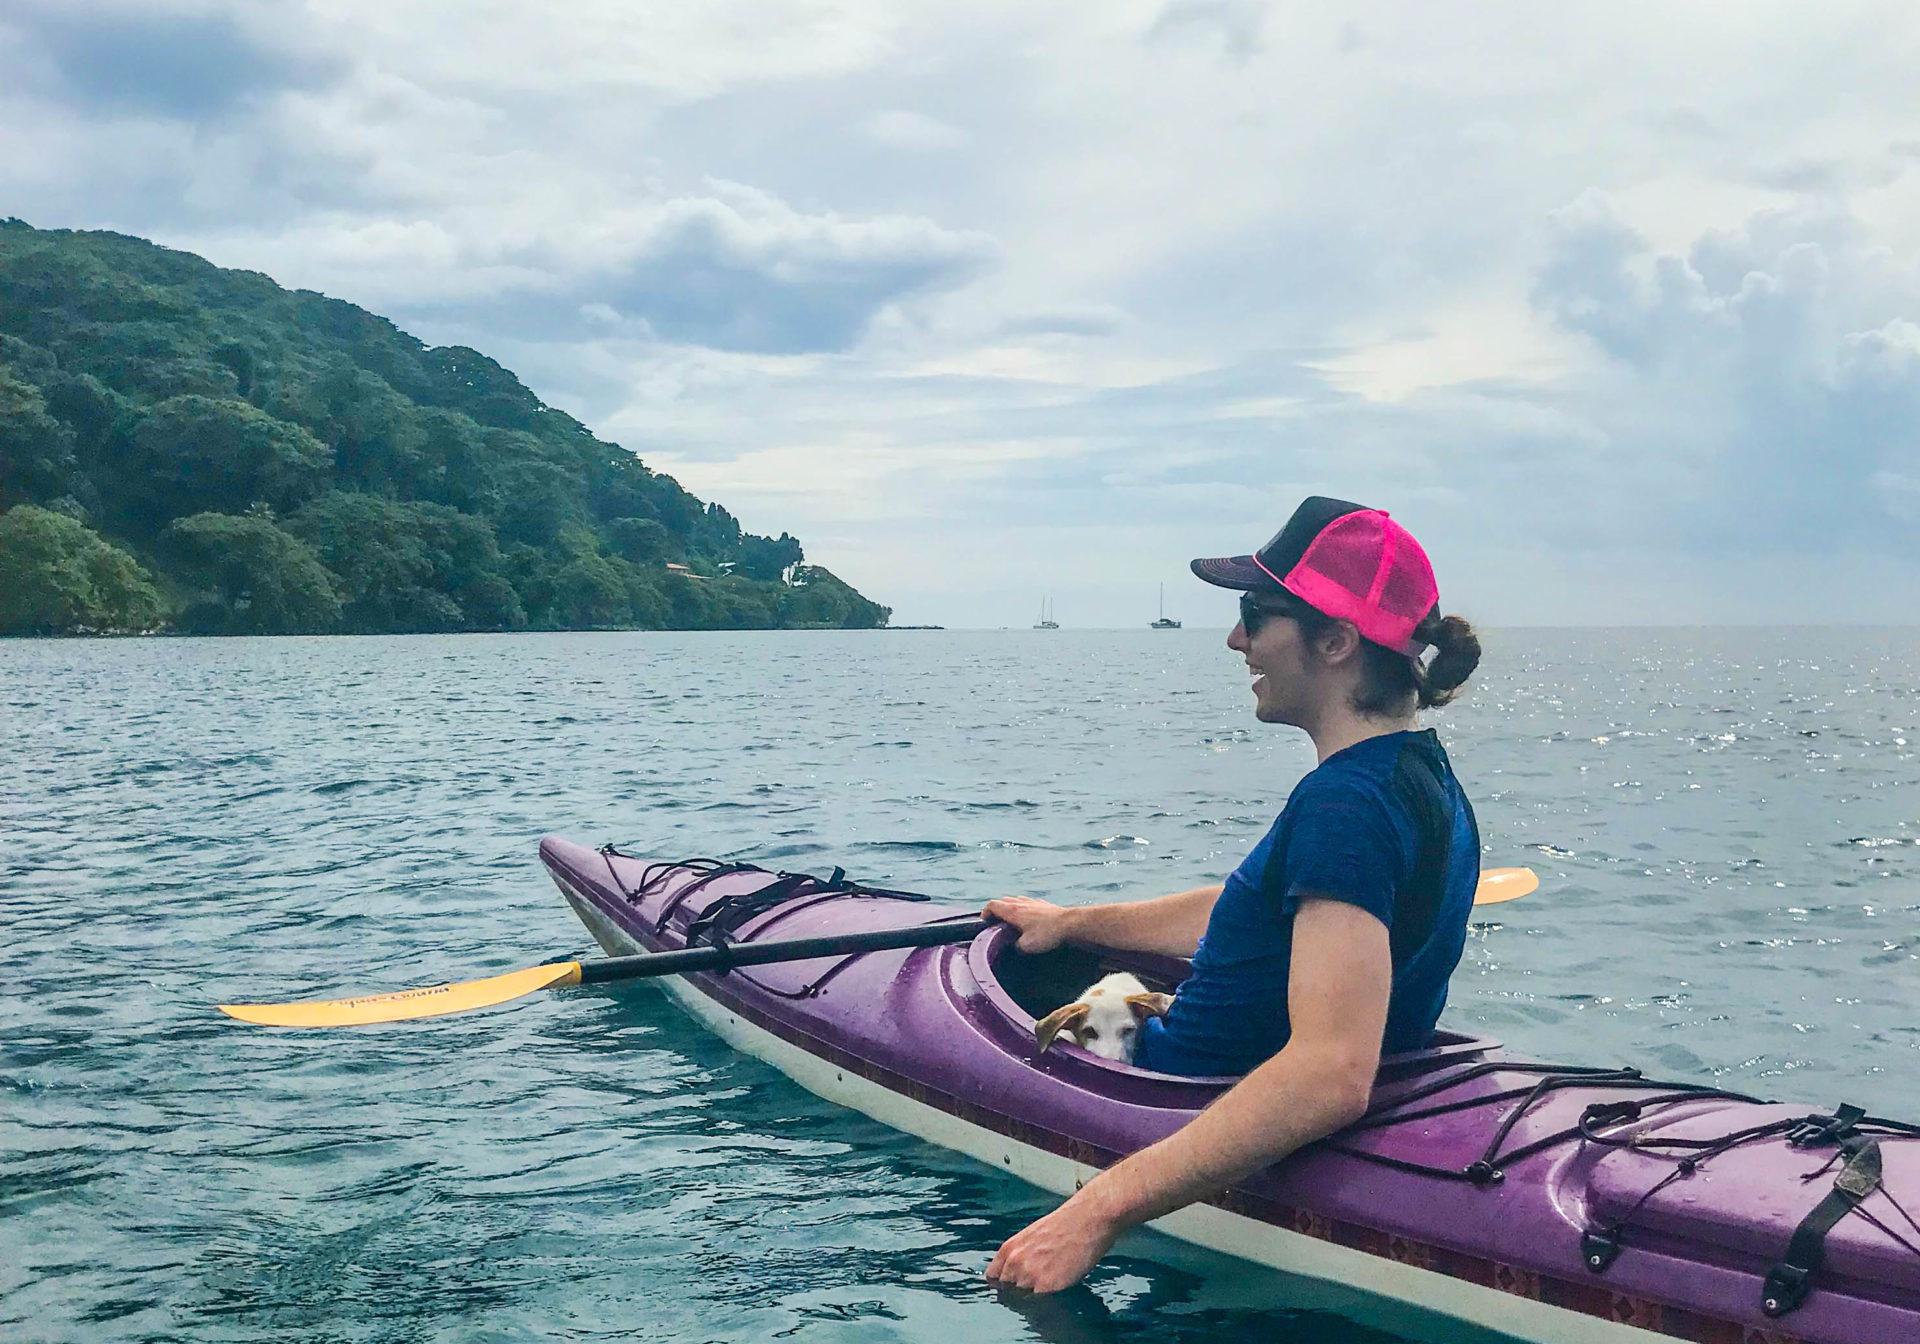 tavola-kayaking-fiji